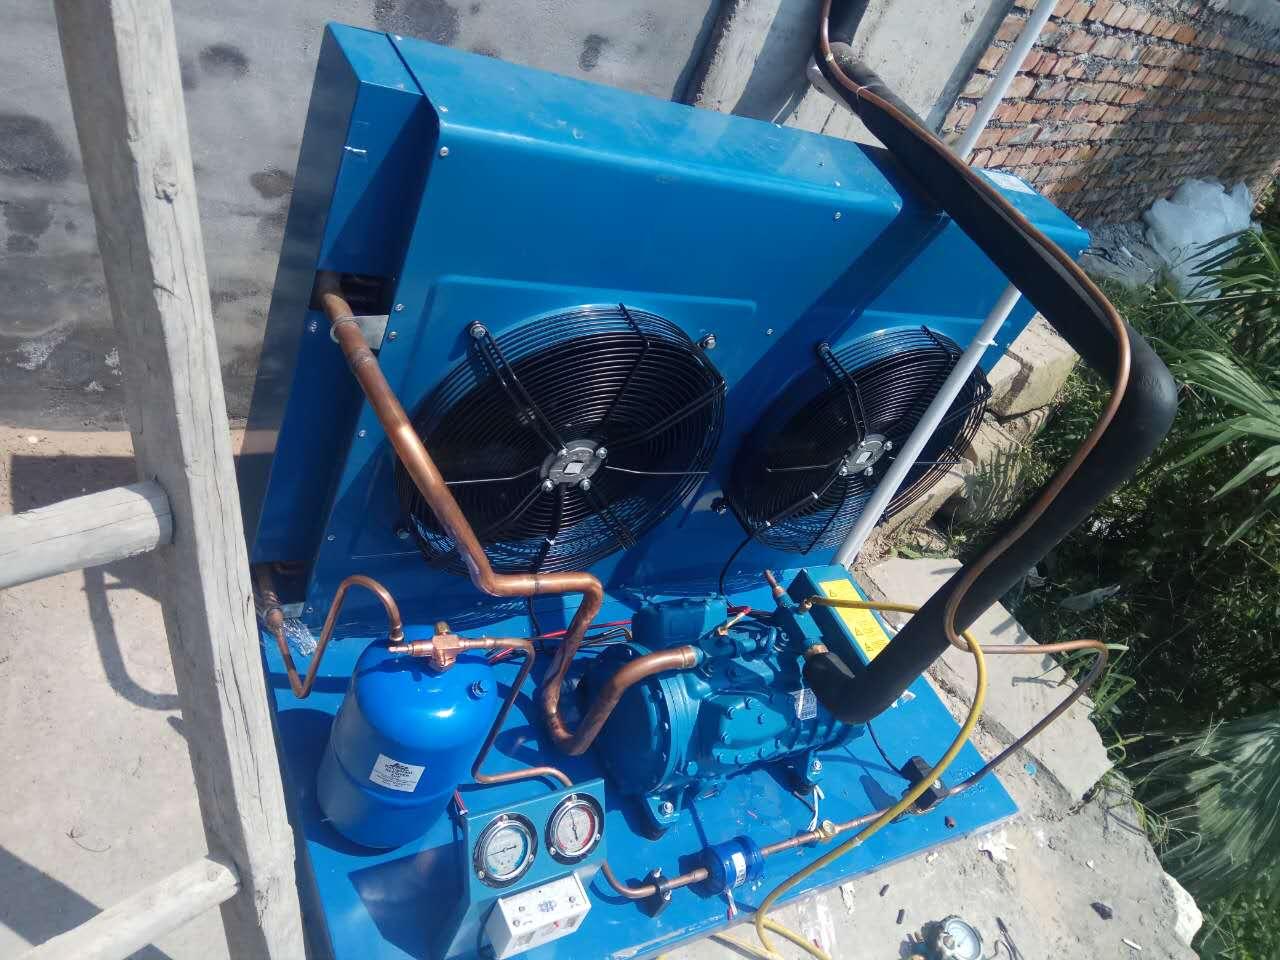 冷库冻库膨胀阀的安装方法和调试介绍一